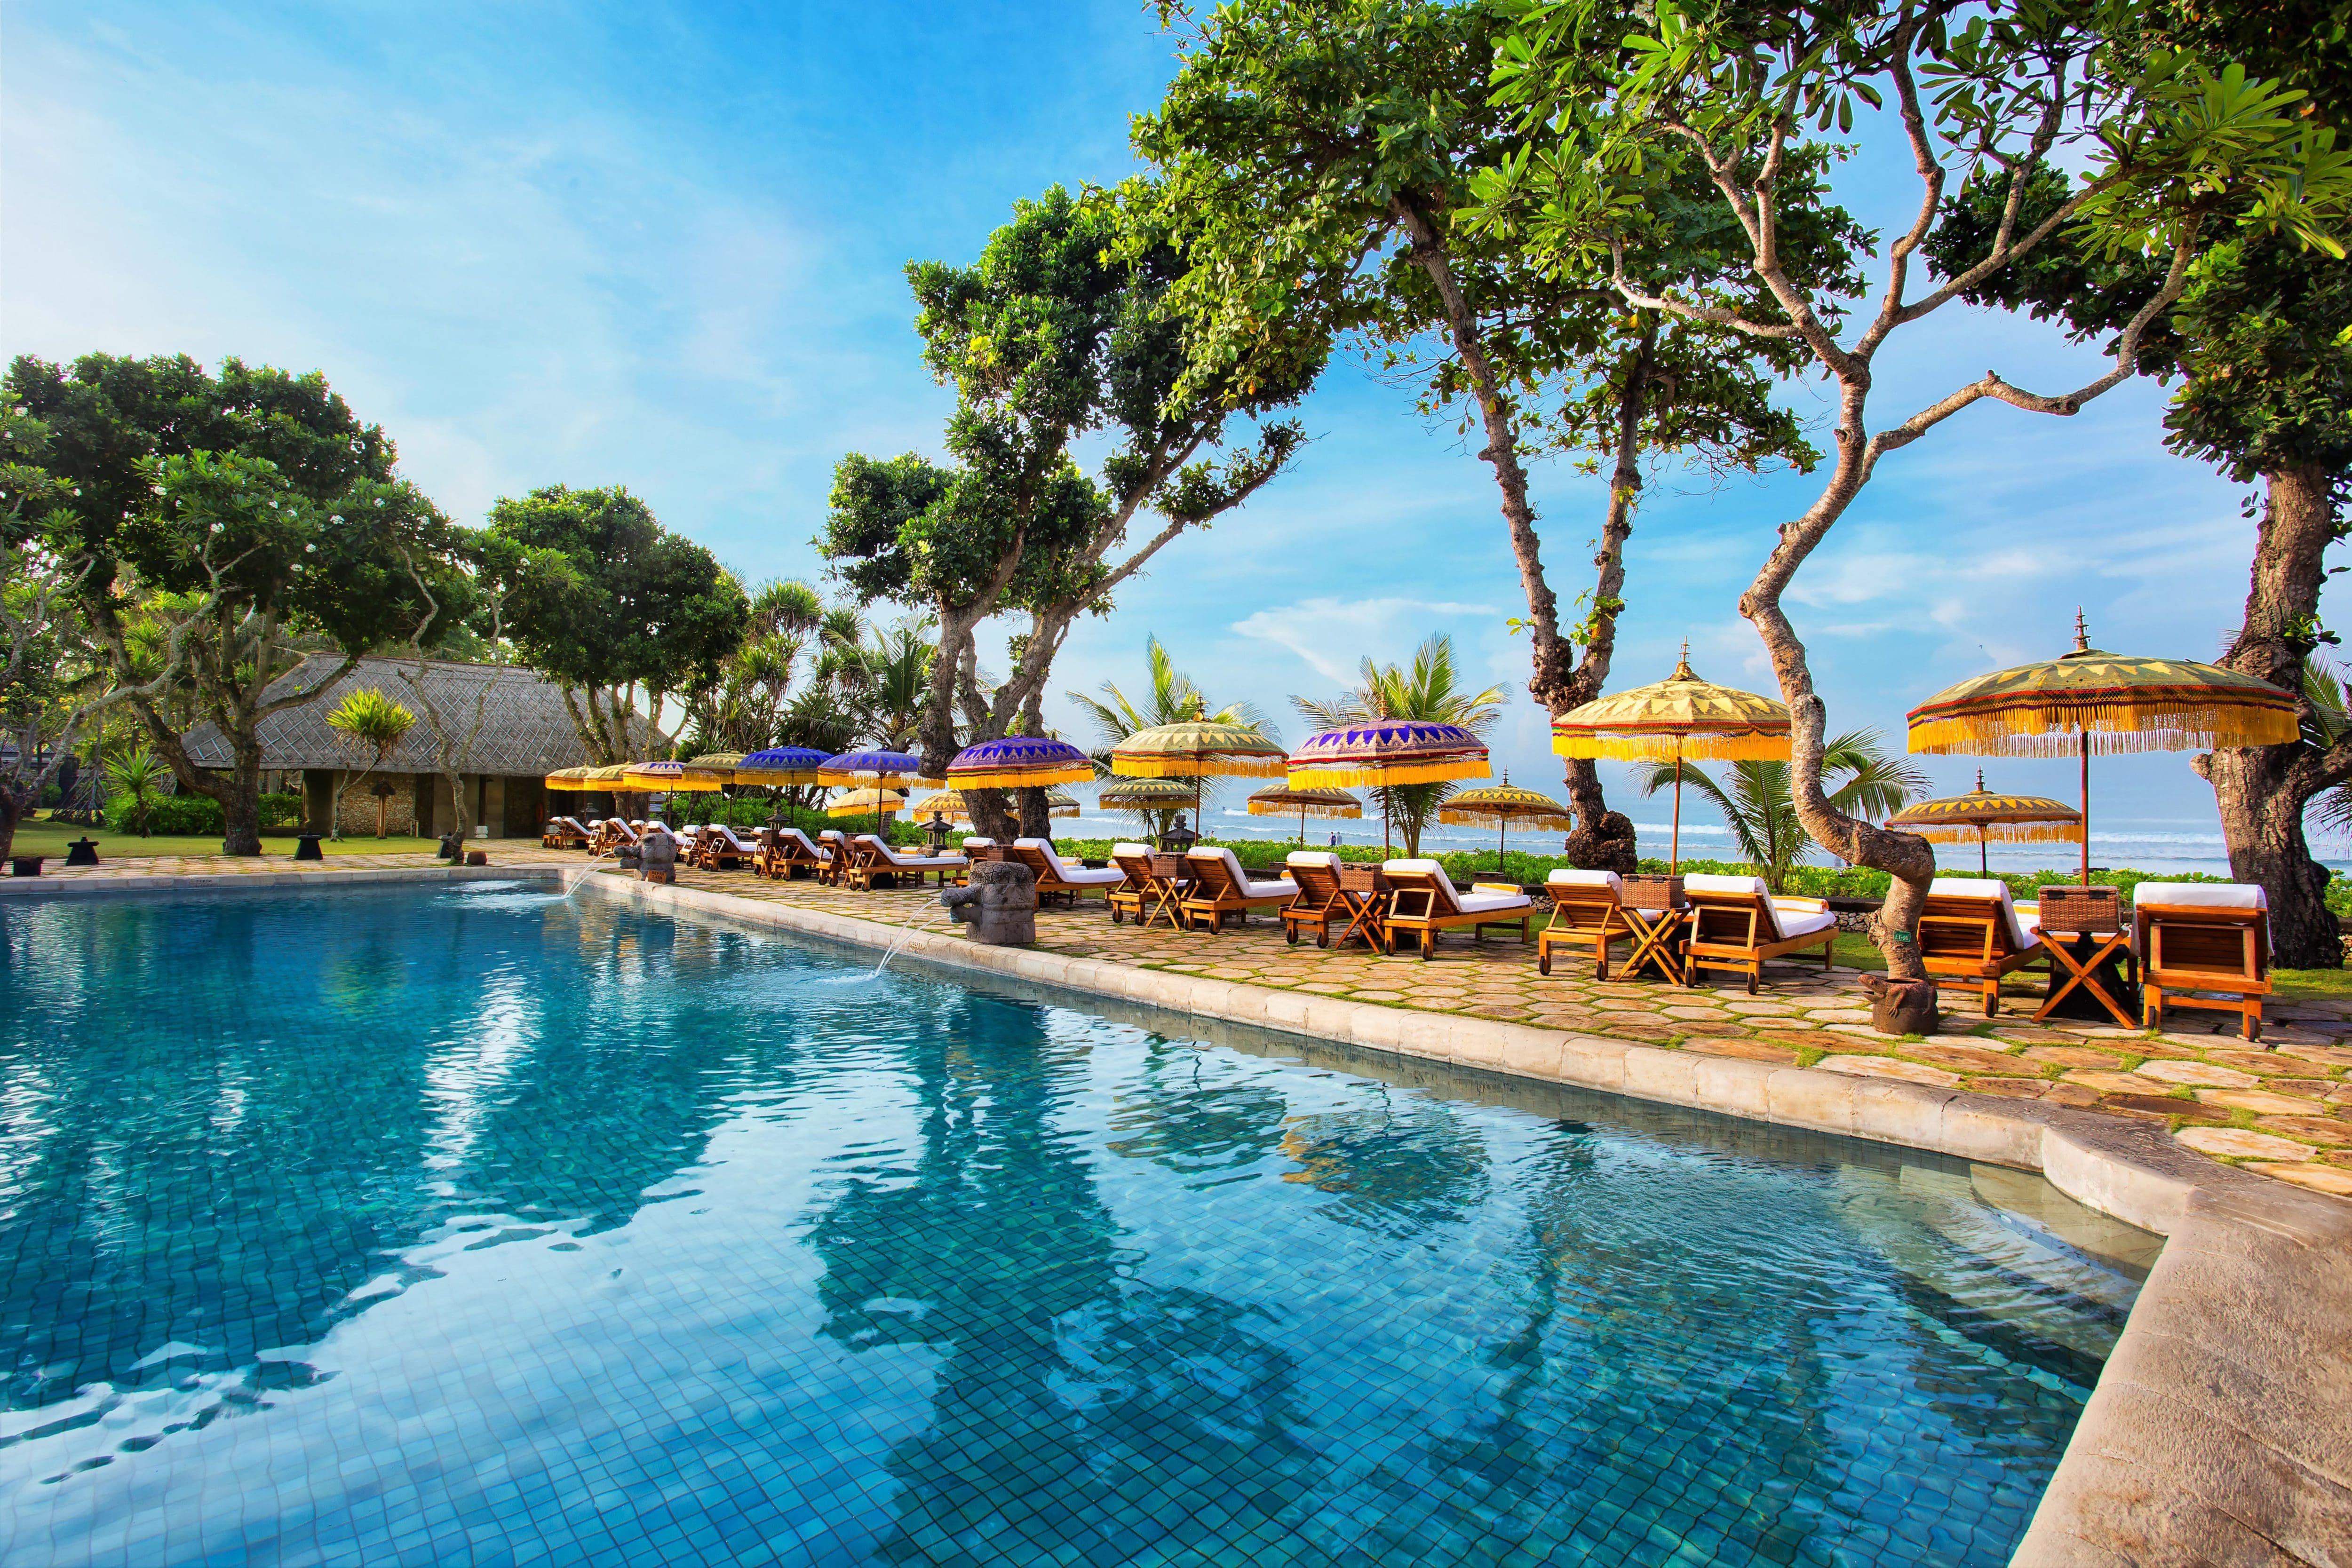 Pool at Oberoi Bali